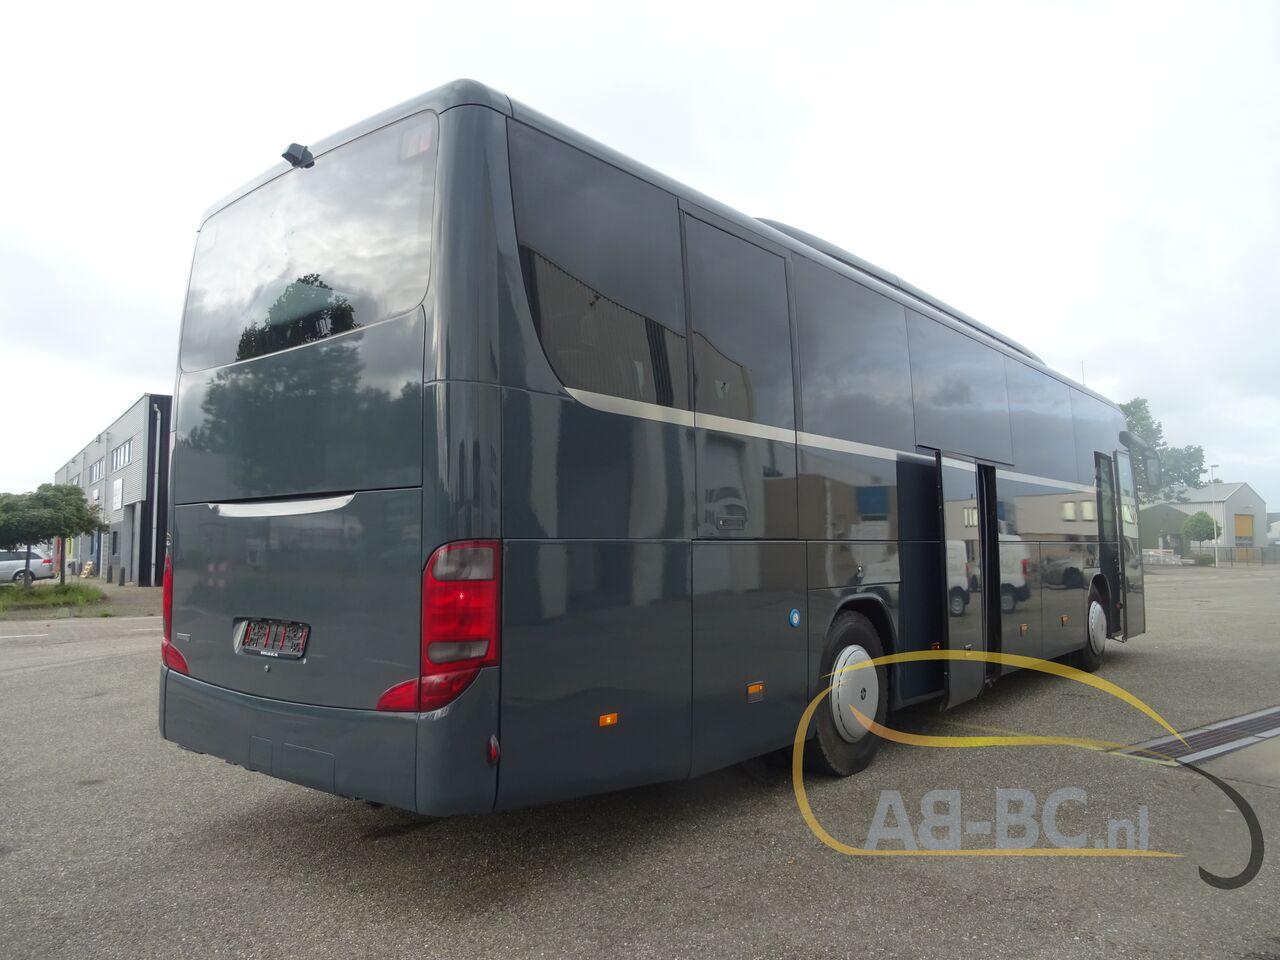 coach-busSETRA-S415-GT-HD-FINAL-EDITION---1627456962649832241_big_11c1fa3e500919e36d9ff8c2ddca2884--21050713010665719300